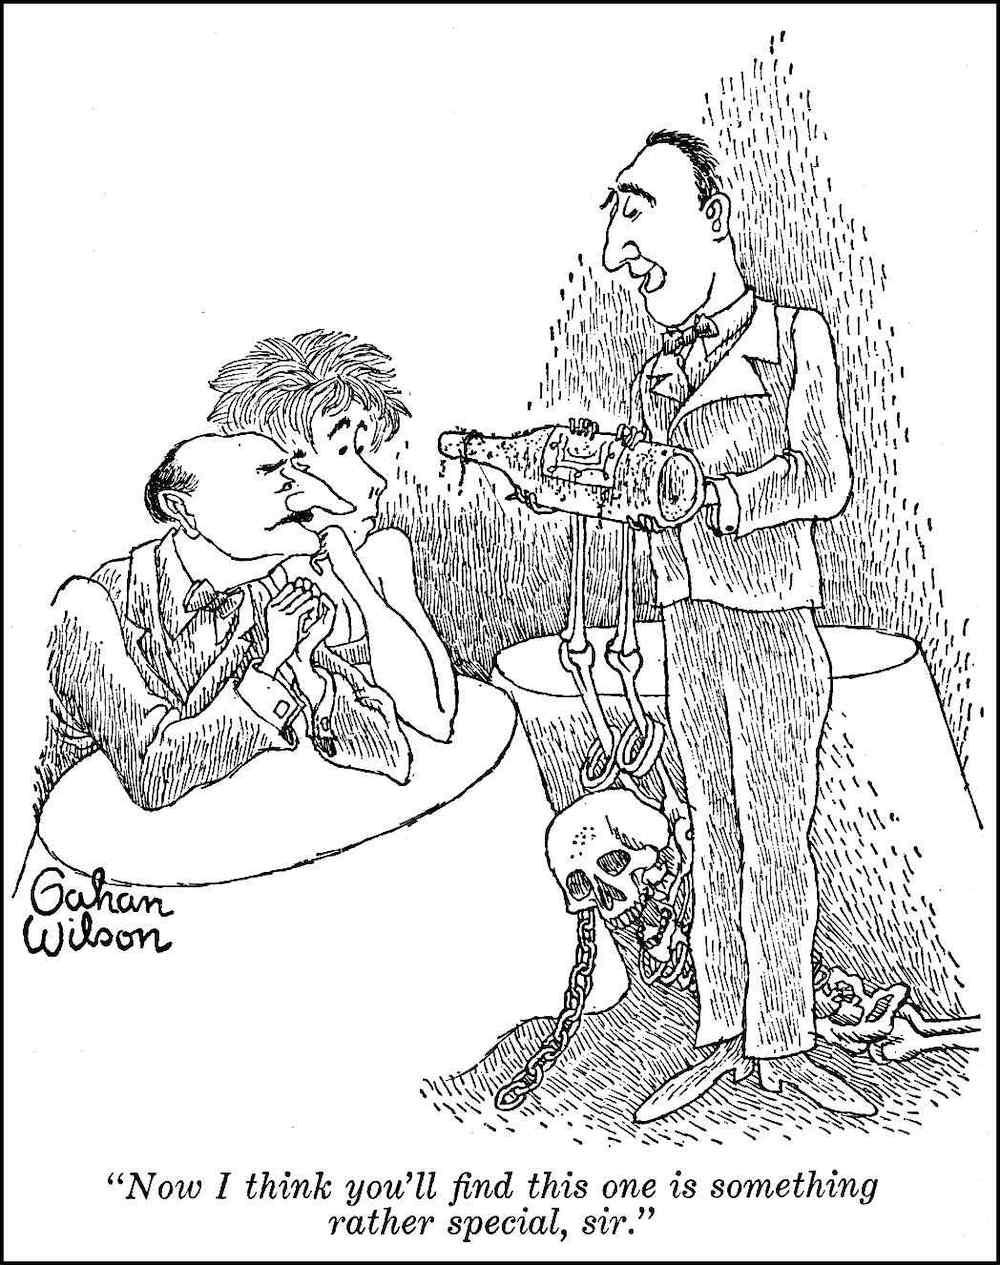 a Gahan Wilson cartoon